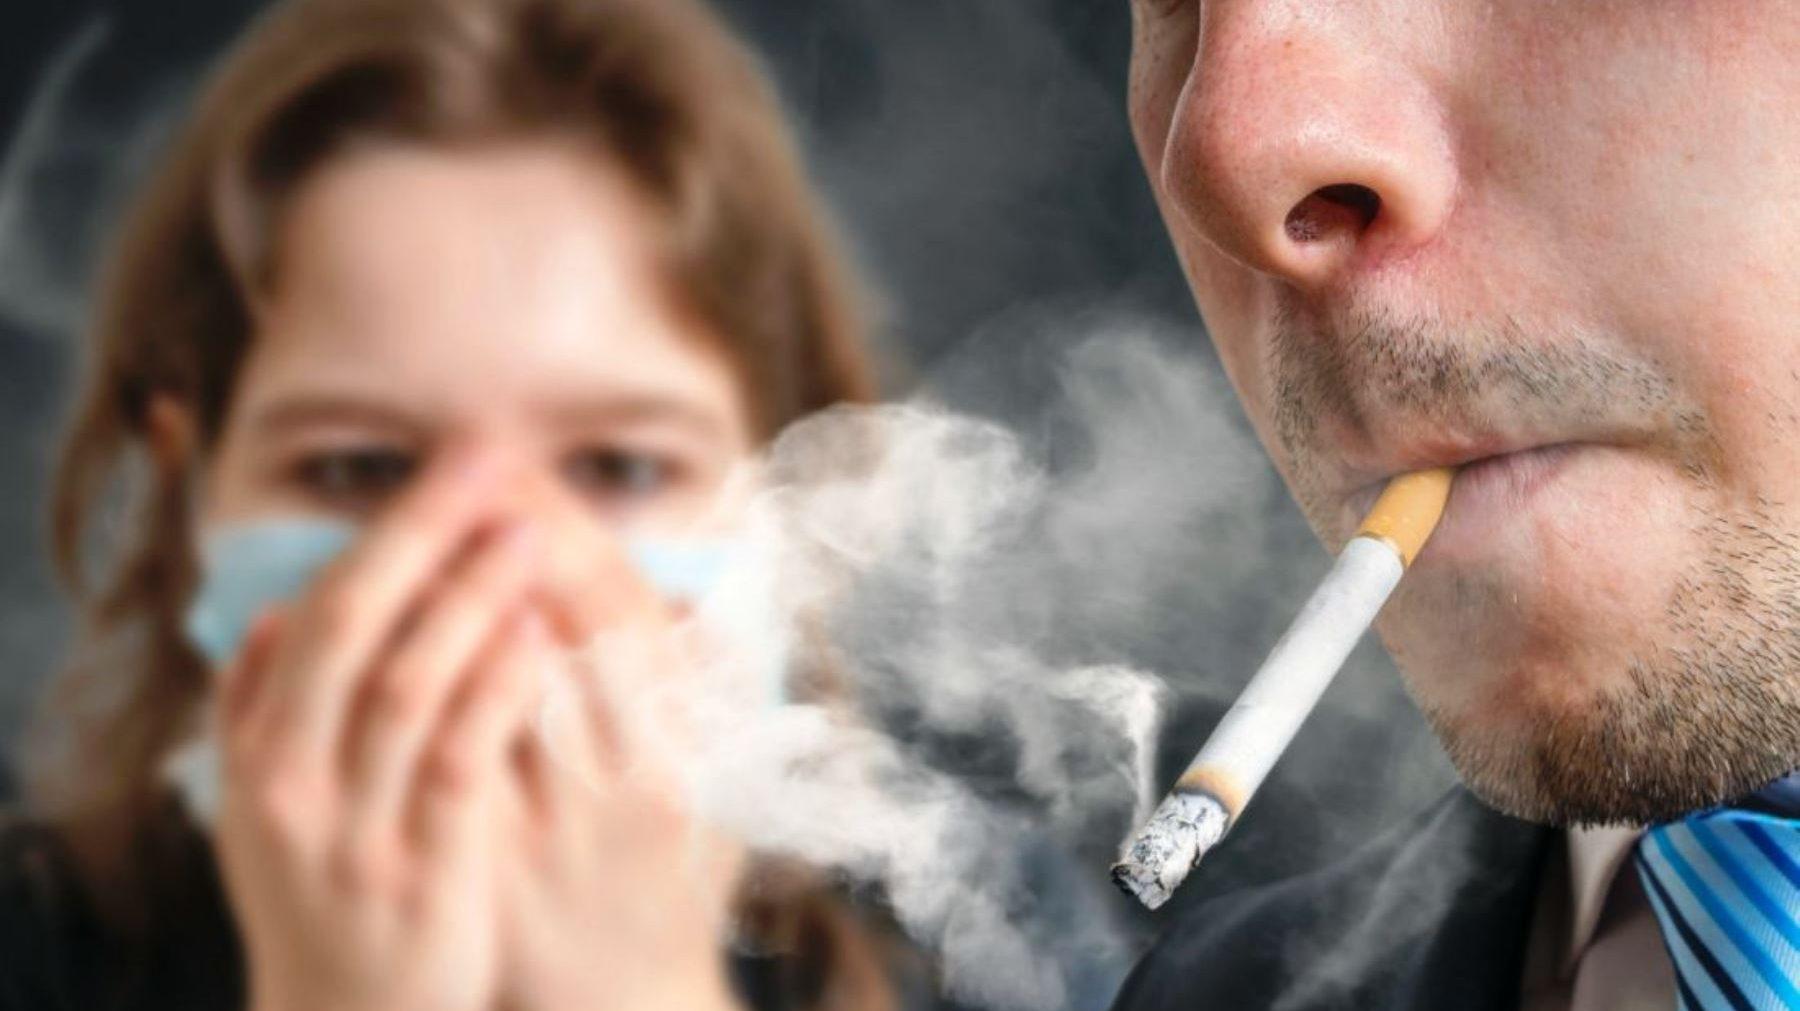 Дело направлено в суд: астраханец чуть не убил сожительницу из-за сигарет